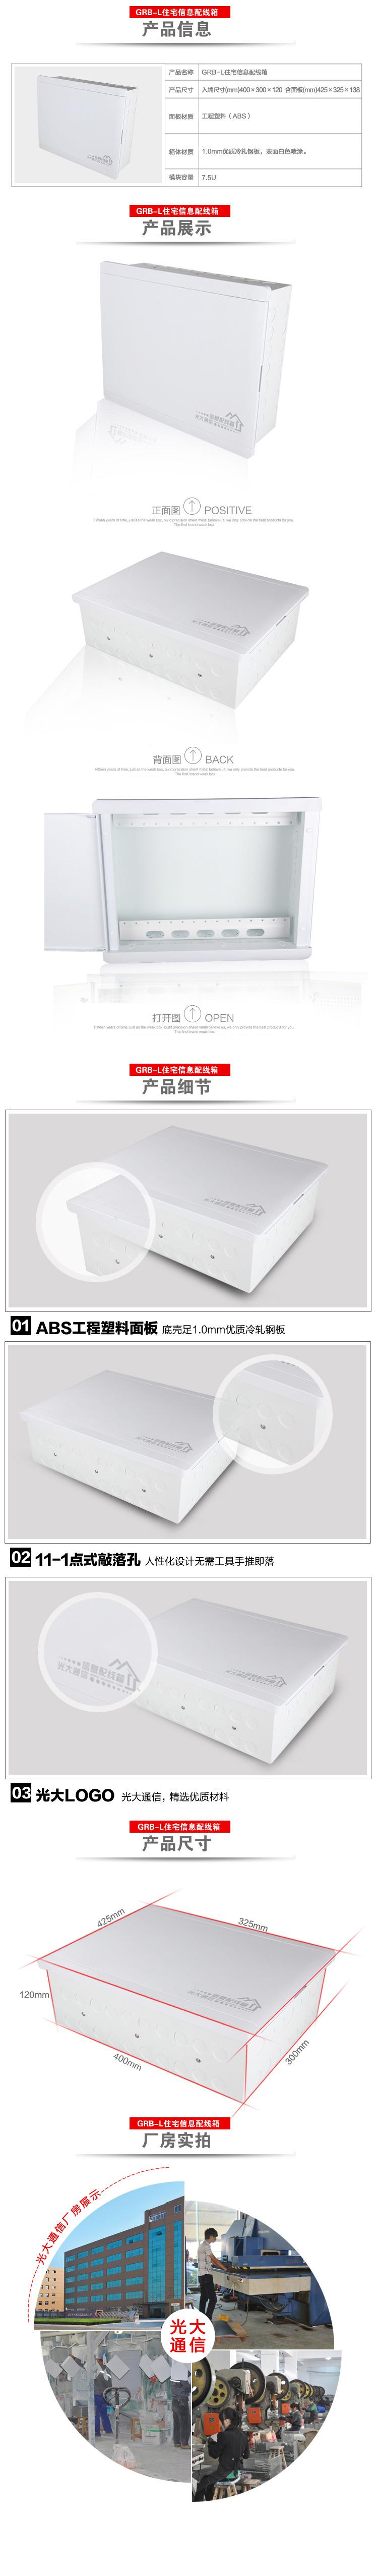 【光大】GRB-L 住宅信息配线箱 多媒体集线箱